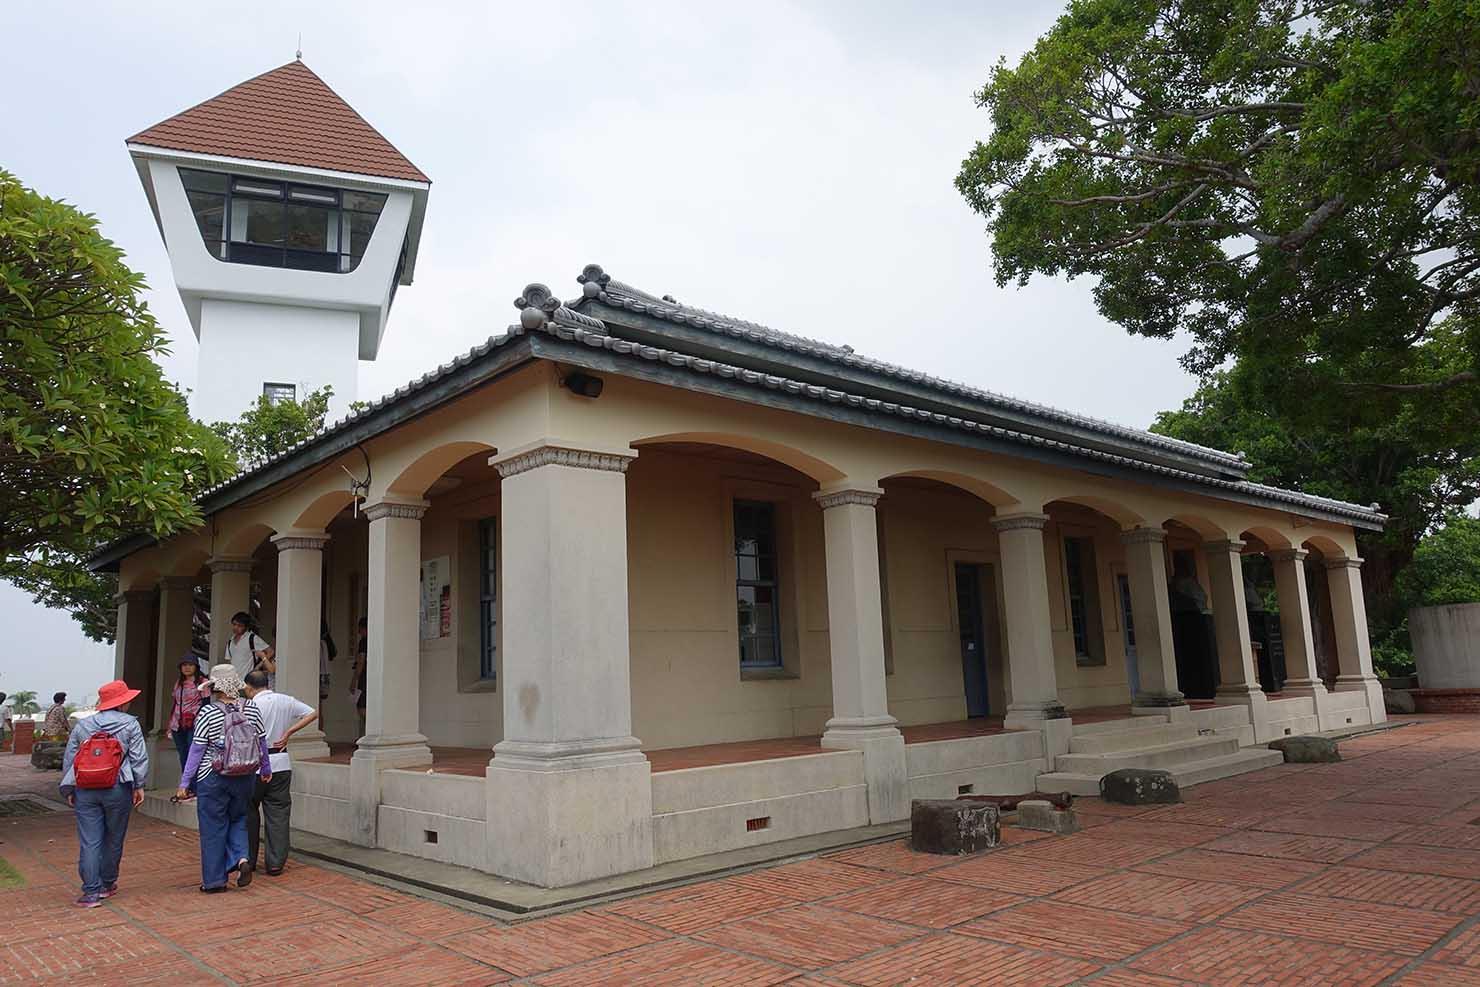 台湾の古都・台南のおすすめ観光スポット「安平古堡」の資料館と展望台